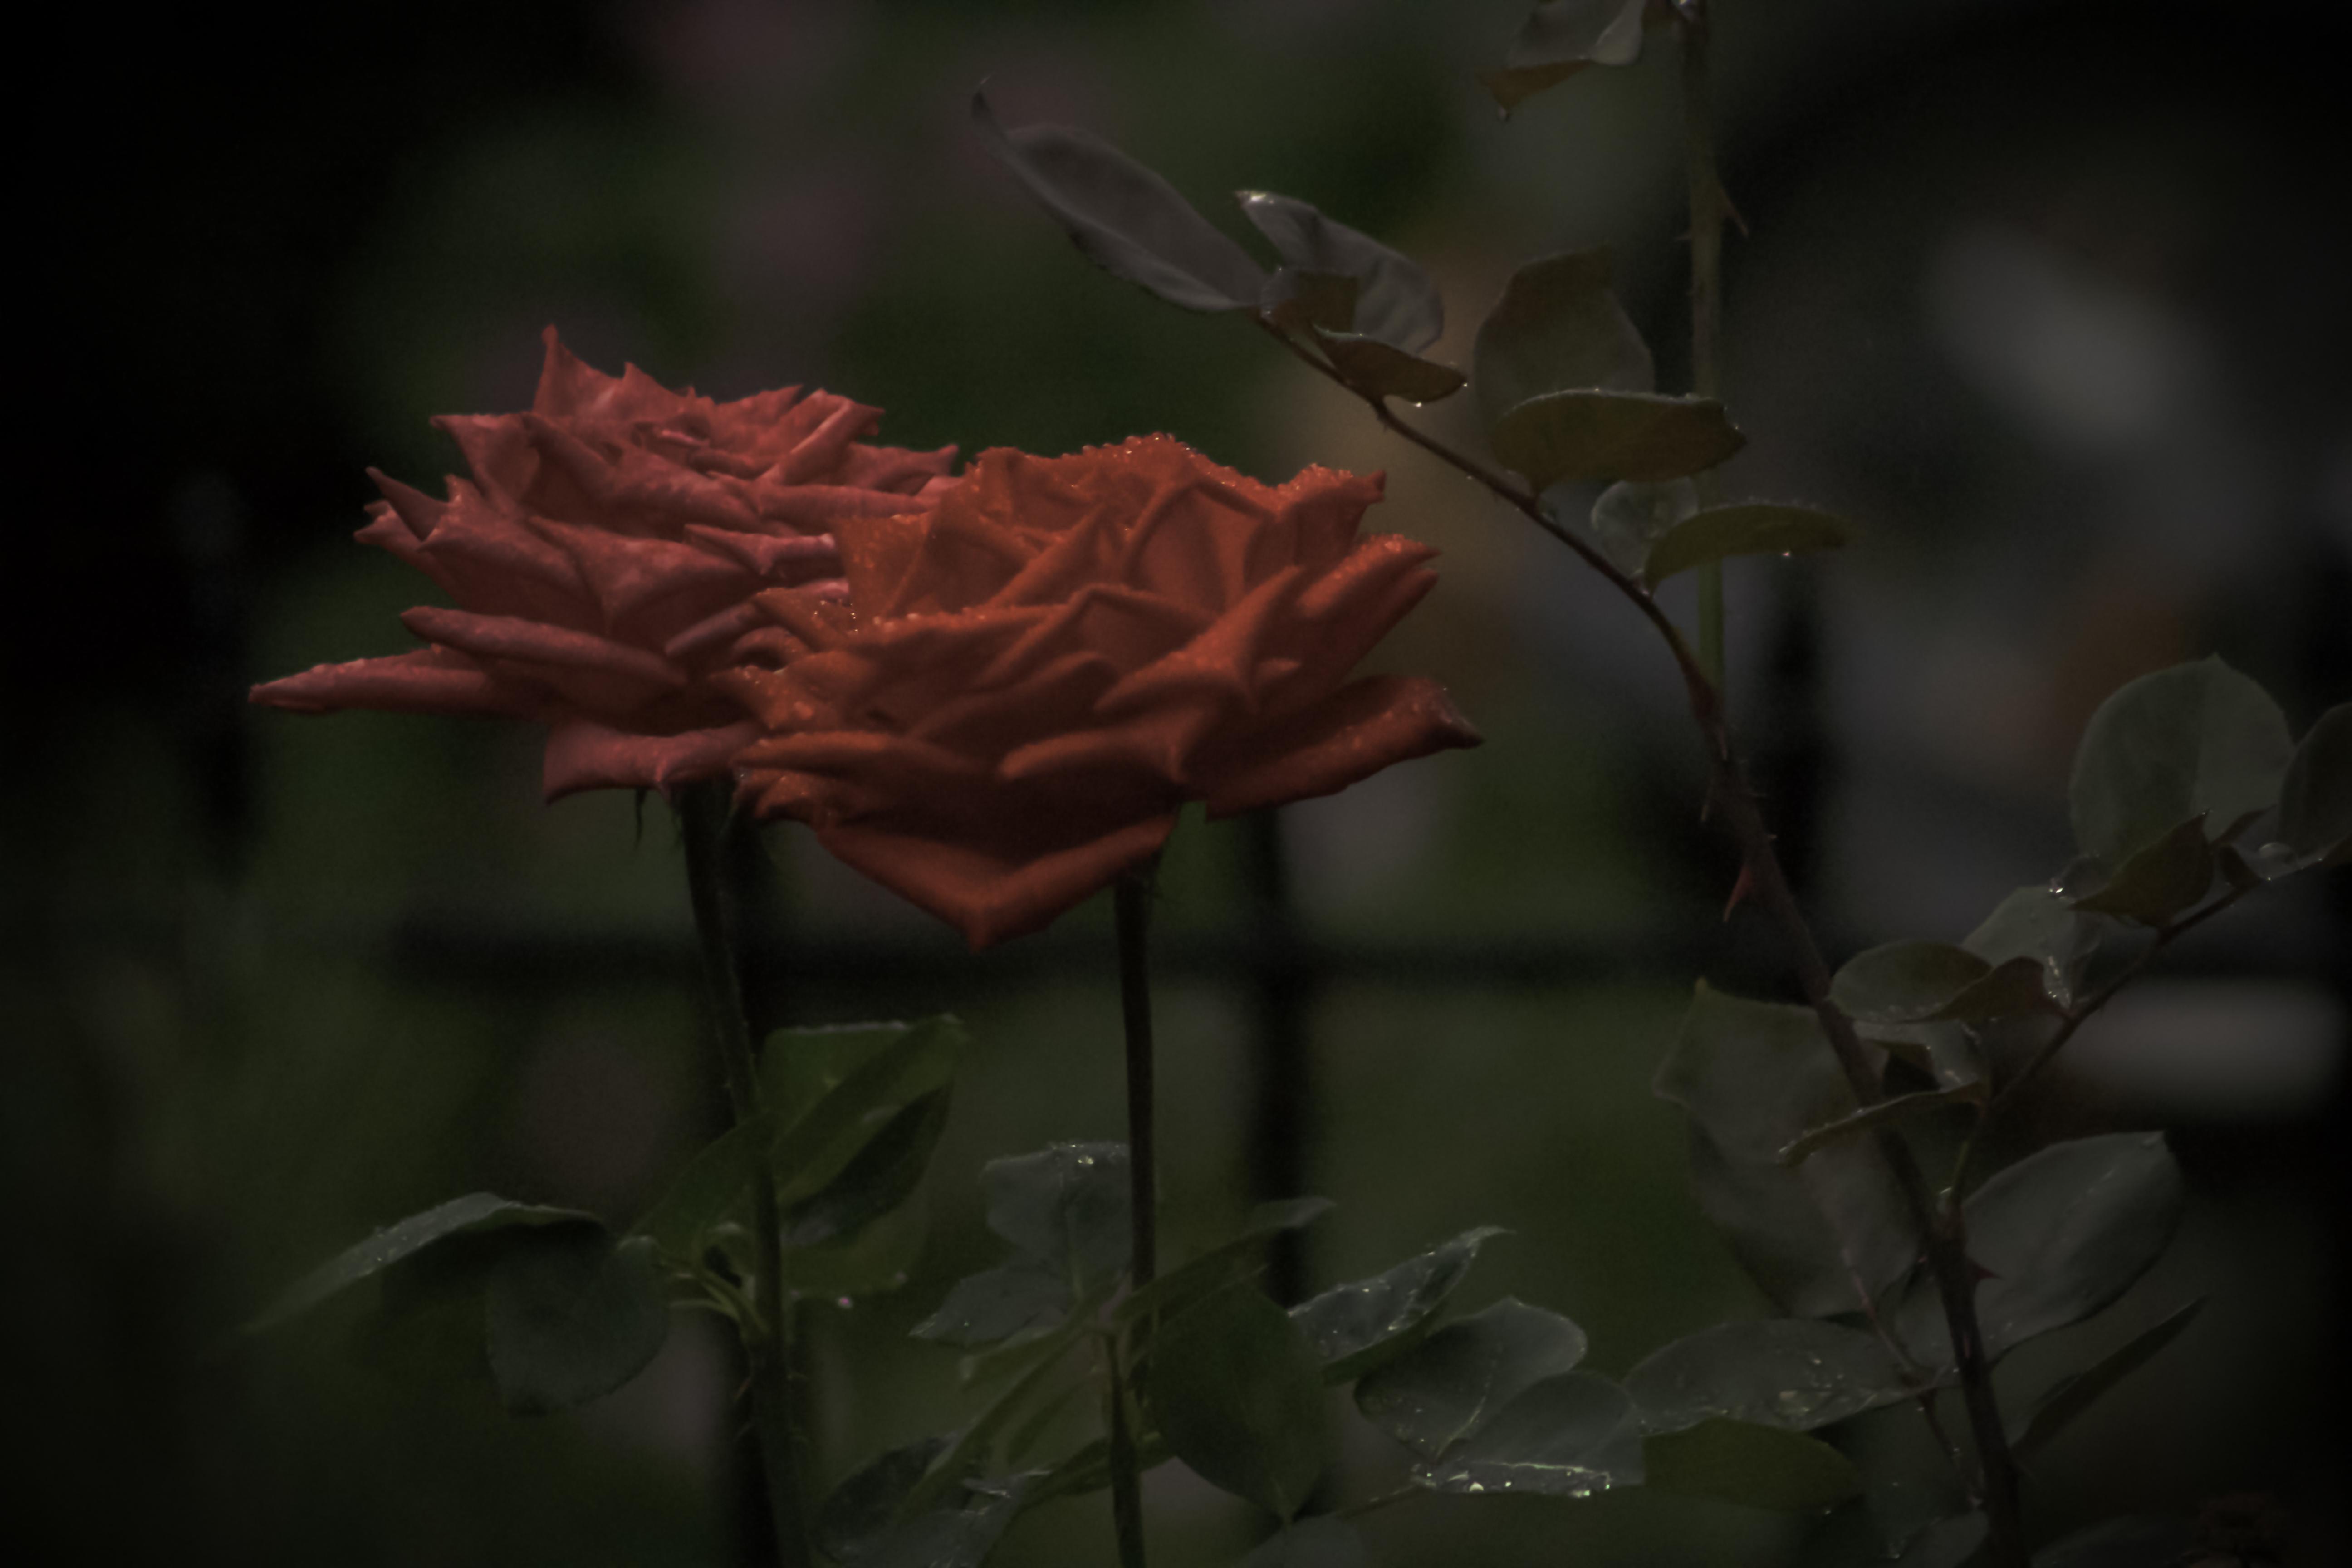 RosesLandscape